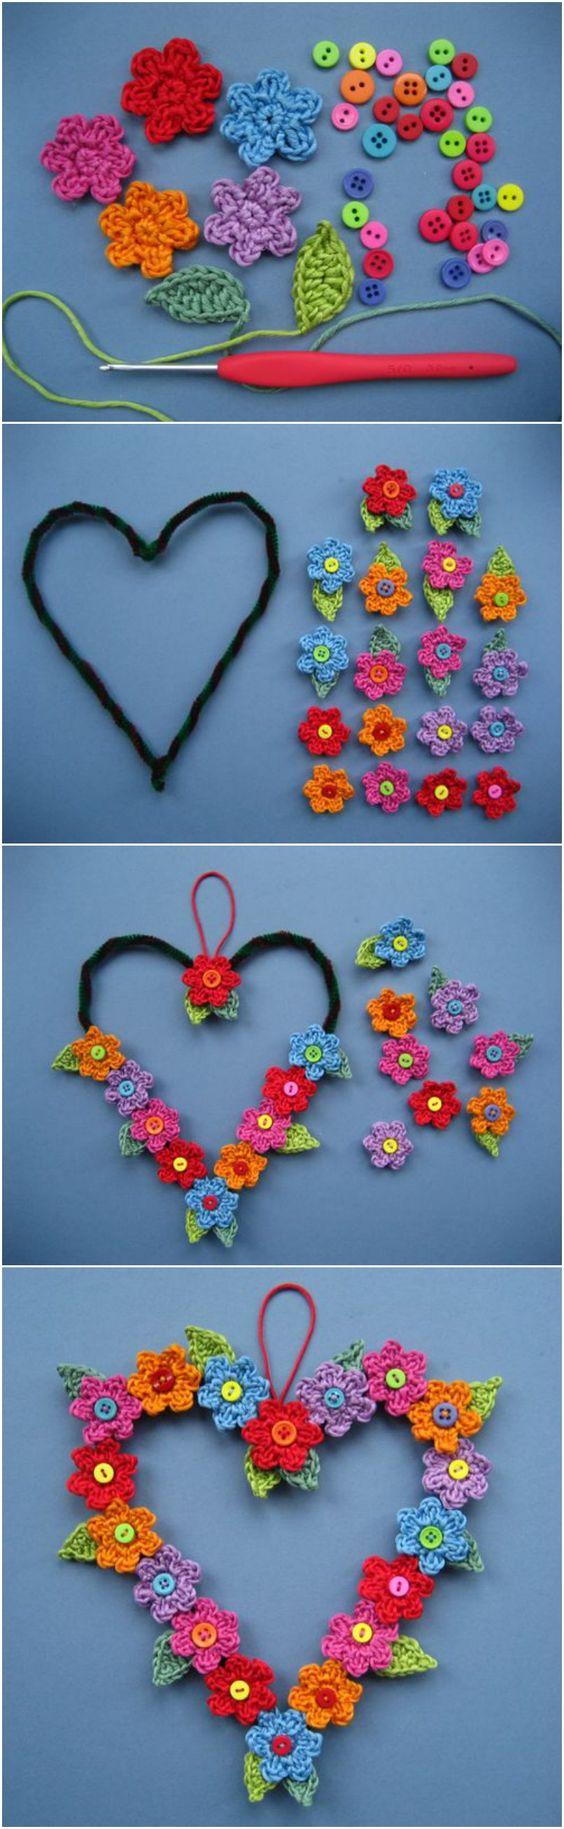 Crochet Sweet Heart Wreath with Free Pattern. #Crochet #Pattern #Wreath: